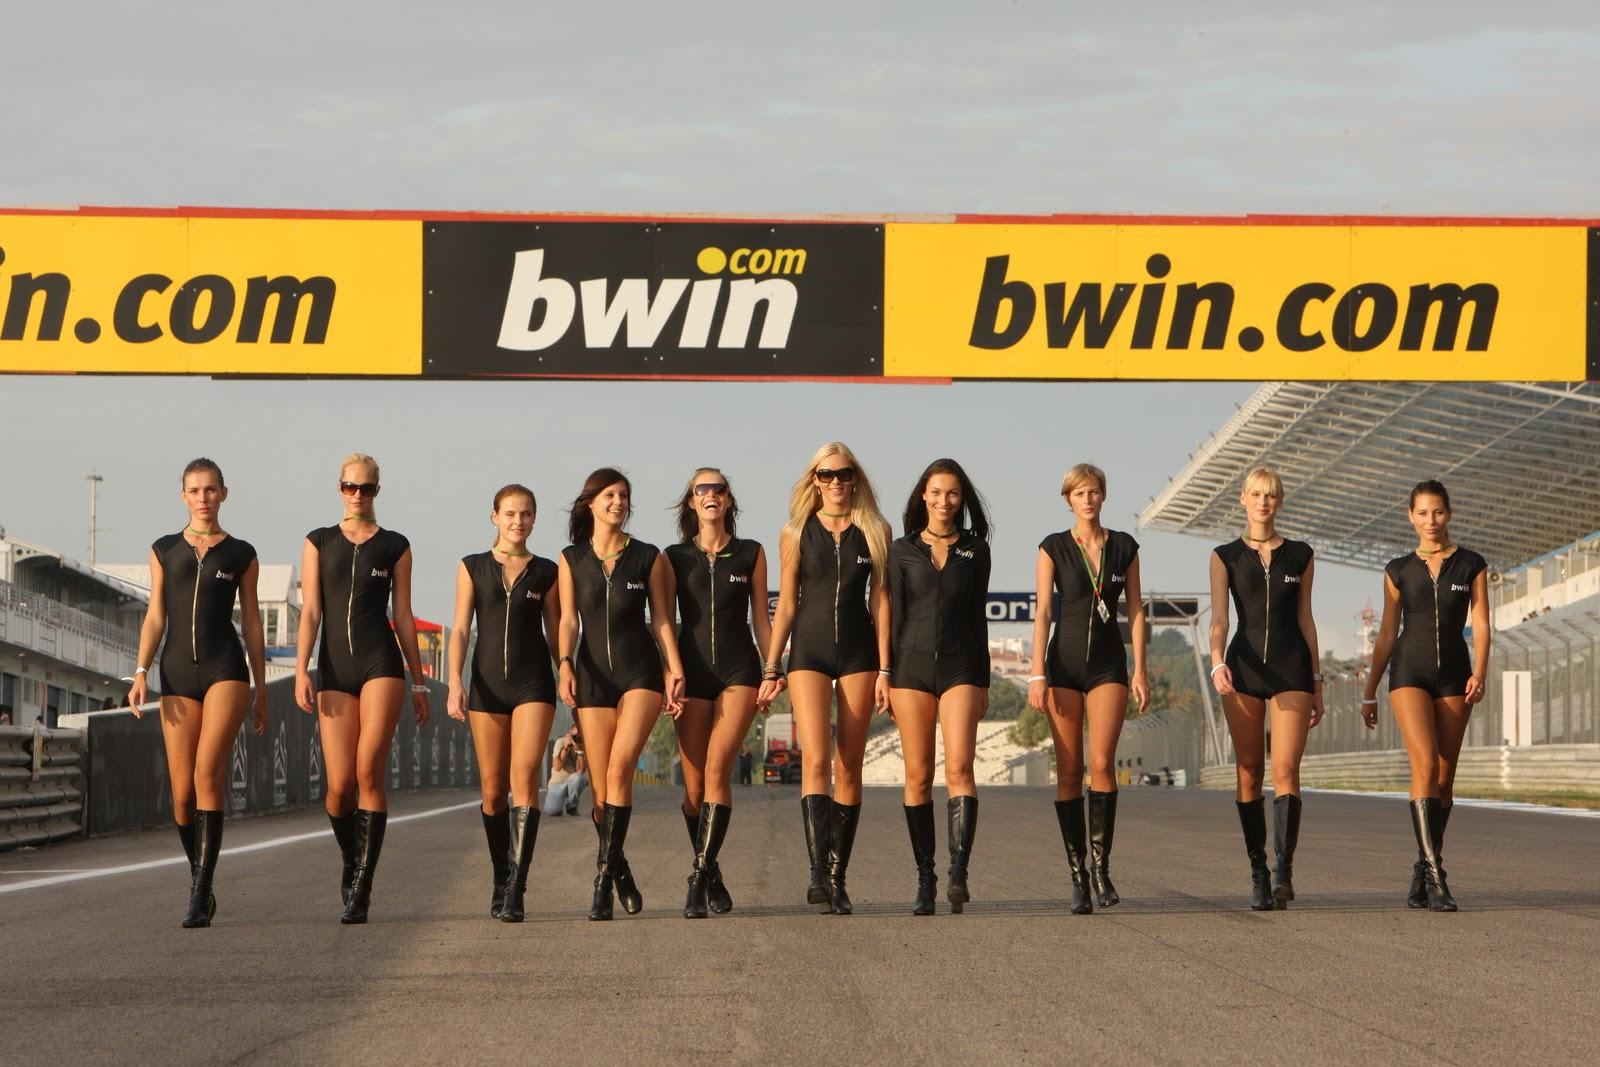 www.bwin